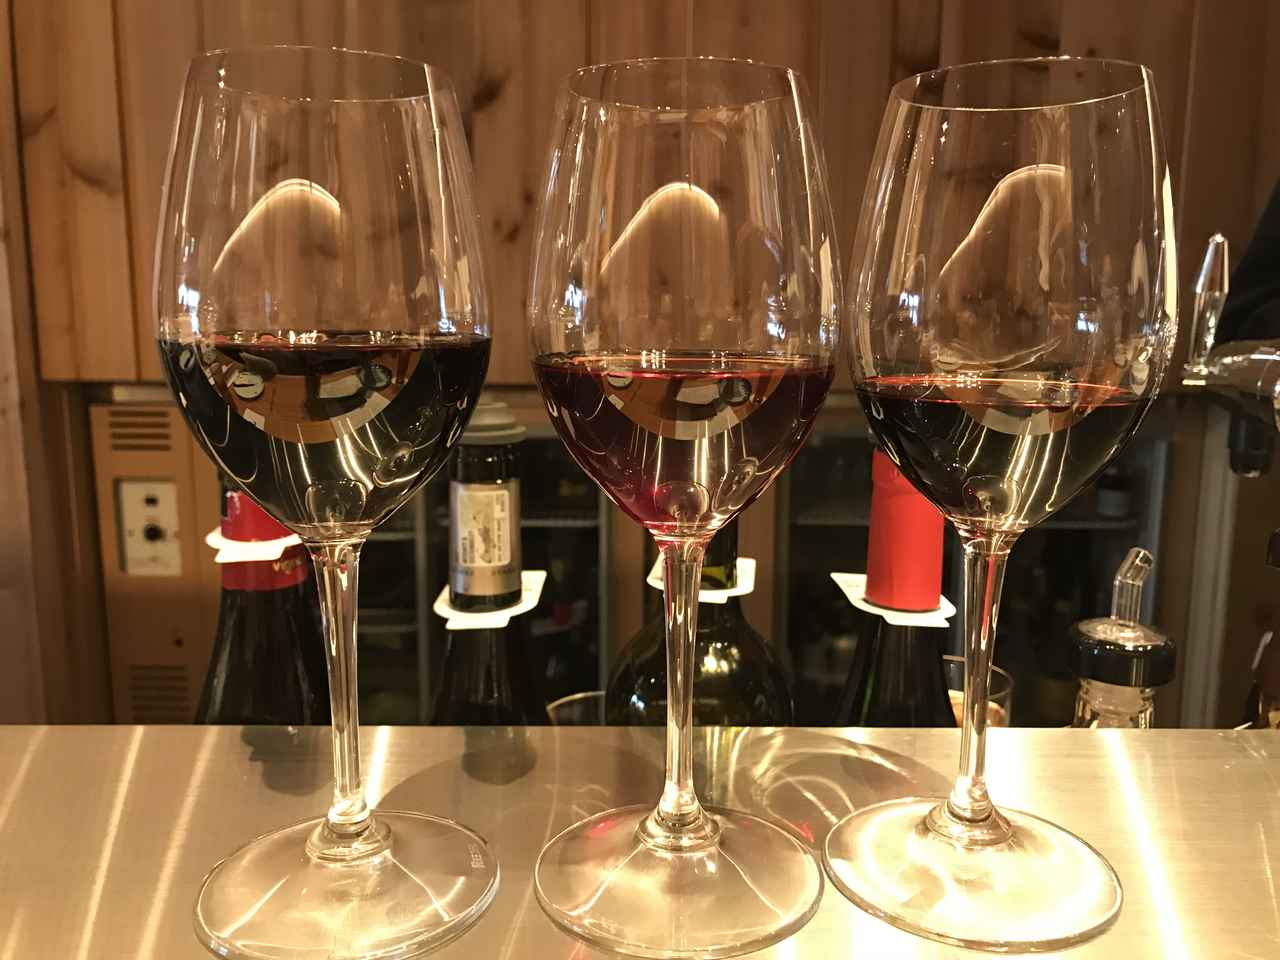 画像: グラスワインは650円均一価格ですが、ワインの種類によって量が変わります。左から100ml、80ml、 60mlとなっています。